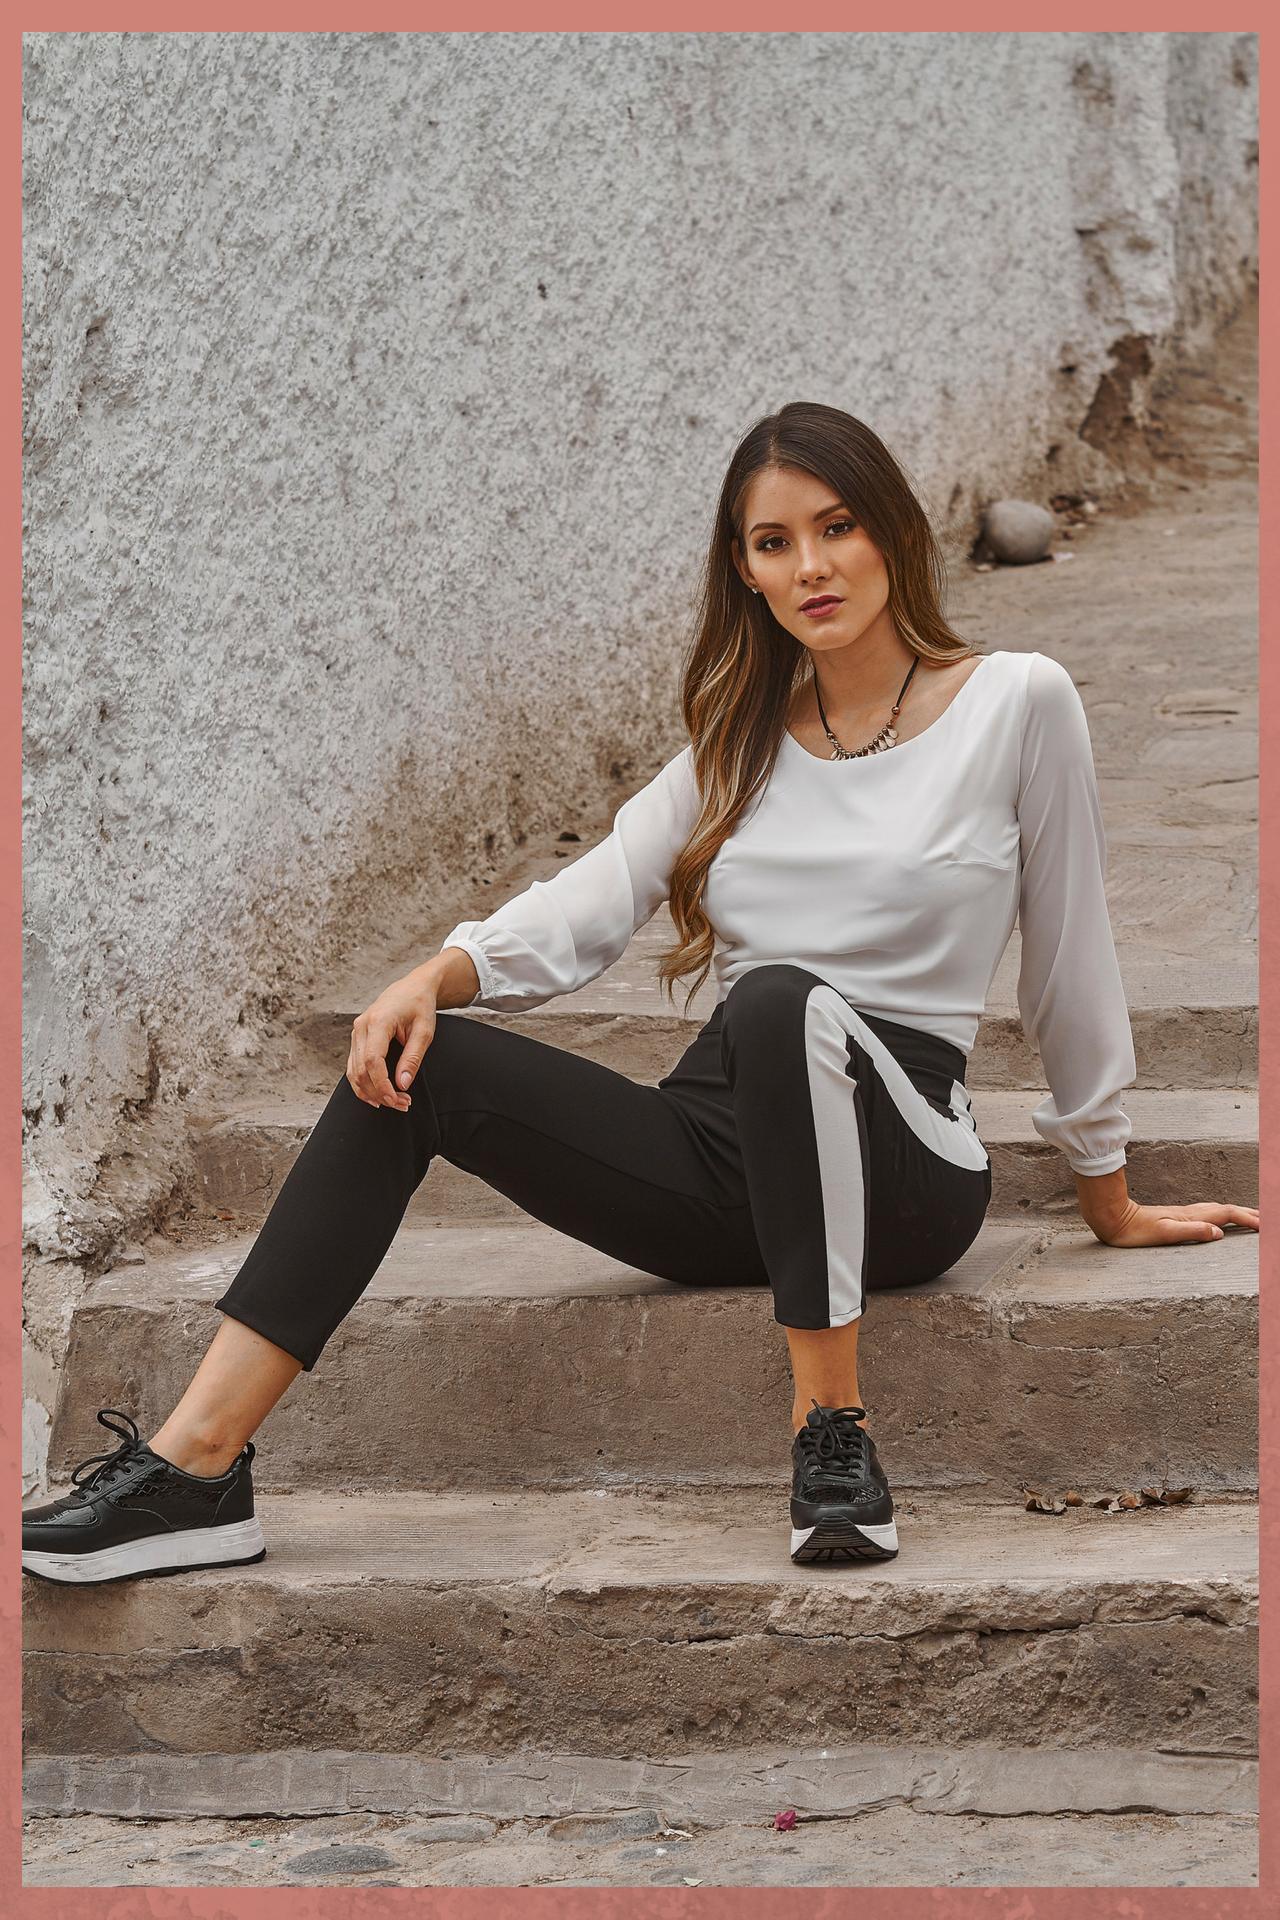 Pantalon jogging, negro con lineas blancas a los costados.  Medidas prenda:  S (cintura 32.5cm, cadera 40cm, largo 92cm)   M (cintura 36cm, cadera 41cm, largo 92cm)